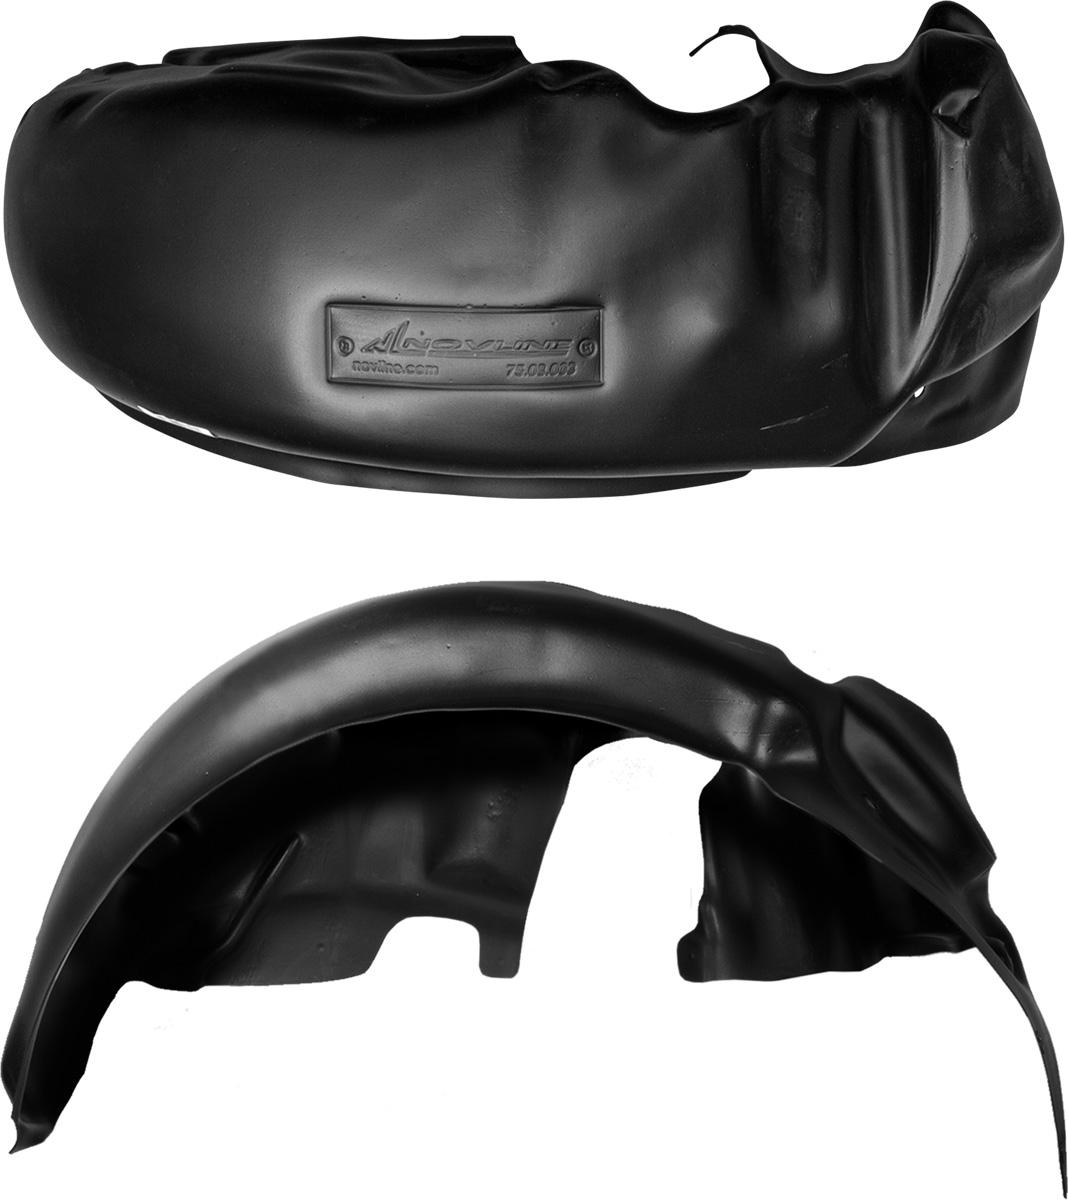 Подкрылок LIFAN X-60, 2012->, задний правыйNLL.73.04.004Колесные ниши – одни из самых уязвимых зон днища вашего автомобиля. Они постоянно подвергаются воздействию со стороны дороги. Лучшая, почти абсолютная защита для них - специально отформованные пластиковые кожухи, которые называются подкрылками, или локерами. Производятся они как для отечественных моделей автомобилей, так и для иномарок. Подкрылки выполнены из высококачественного, экологически чистого пластика. Обеспечивают надежную защиту кузова автомобиля от пескоструйного эффекта и негативного влияния, агрессивных антигололедных реагентов. Пластик обладает более низкой теплопроводностью, чем металл, поэтому в зимний период эксплуатации использование пластиковых подкрылков позволяет лучше защитить колесные ниши от налипания снега и образования наледи. Оригинальность конструкции подчеркивает элегантность автомобиля, бережно защищает нанесенное на днище кузова антикоррозийное покрытие и позволяет осуществить крепление подкрылков внутри колесной арки практически без дополнительного крепежа и сверления, не нарушая при этом лакокрасочного покрытия, что предотвращает возникновение новых очагов коррозии. Технология крепления подкрылков на иномарки принципиально отличается от крепления на российские автомобили и разрабатывается индивидуально для каждой модели автомобиля. Подкрылки долговечны, обладают высокой прочностью и сохраняют заданную форму, а также все свои физико-механические характеристики в самых тяжелых климатических условиях ( от -50° С до + 50° С).